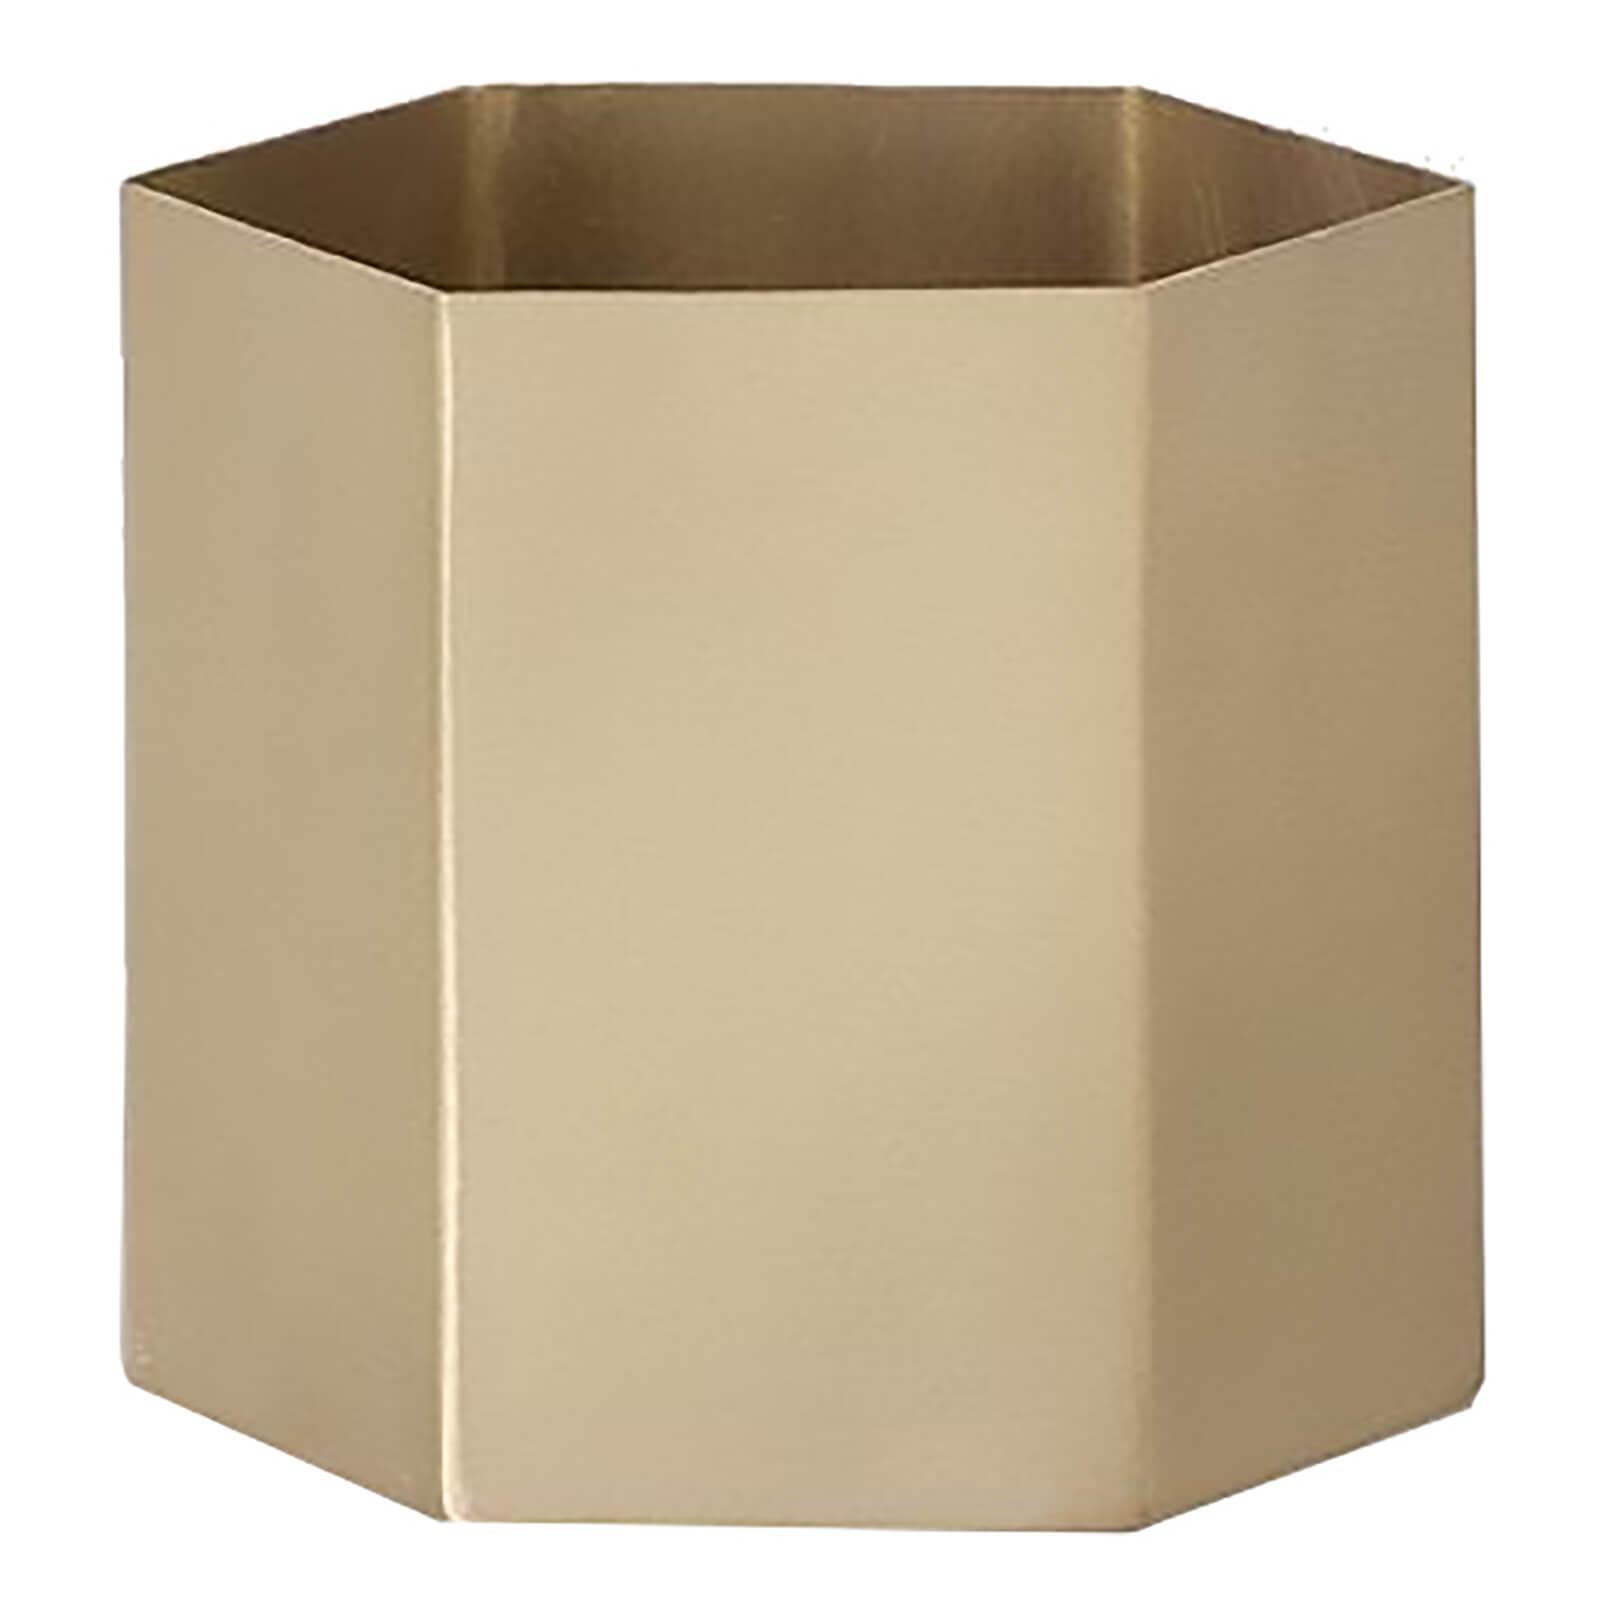 Ferm Living Hexagon Pot - Large - Brass